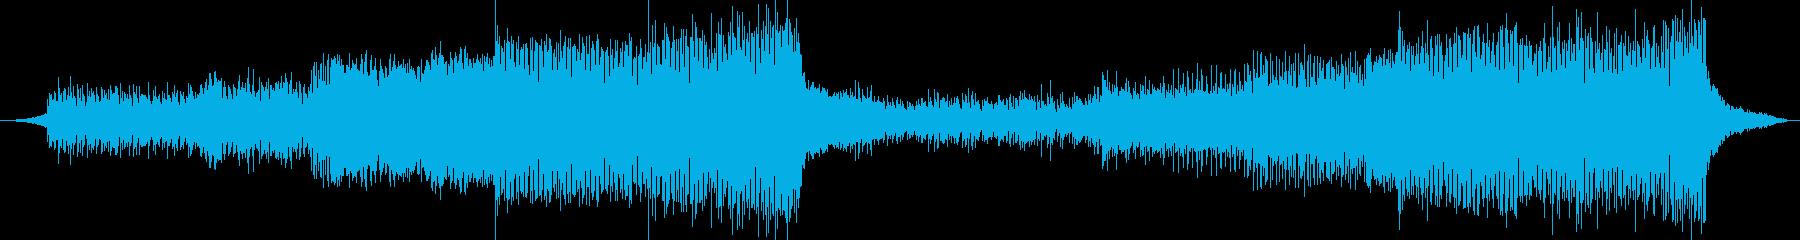 空に羽ばたいていけるような壮大なEDM曲の再生済みの波形